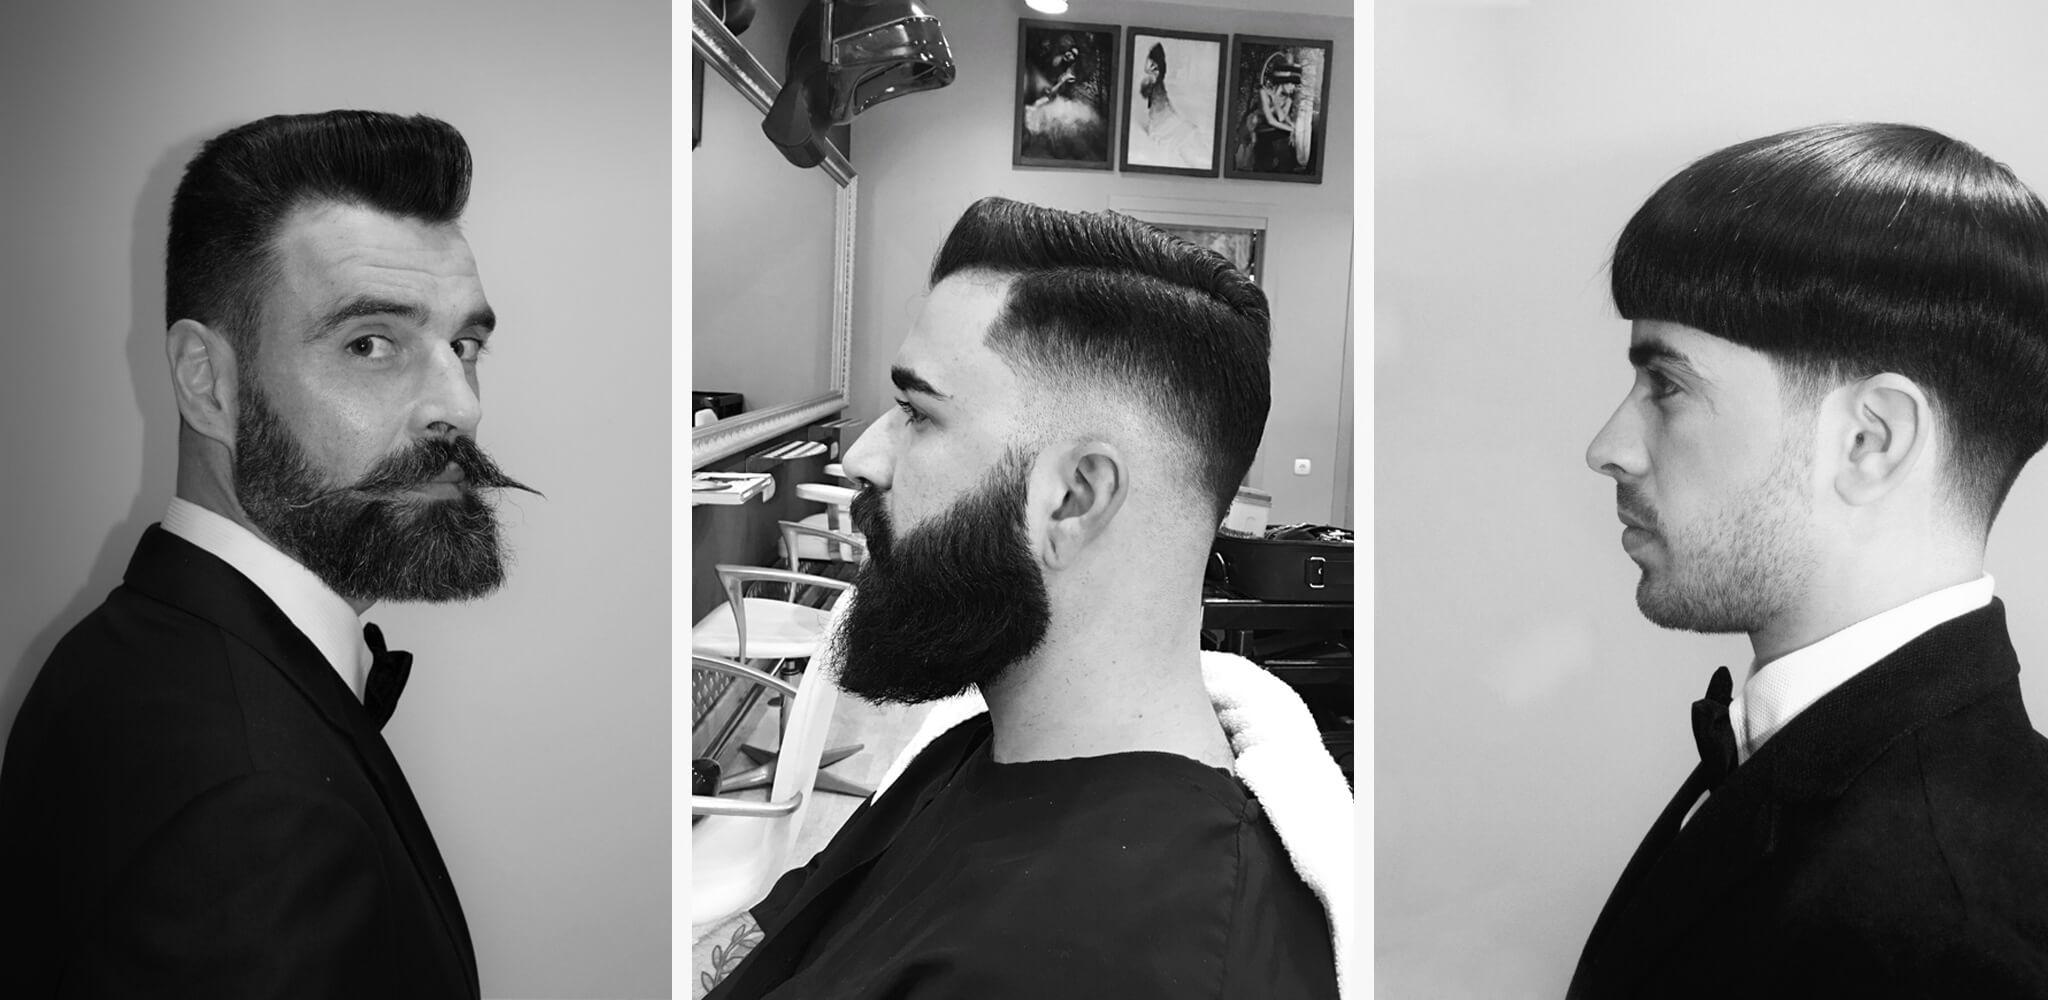 Estilismo Saul & Co peluquería en Badalona